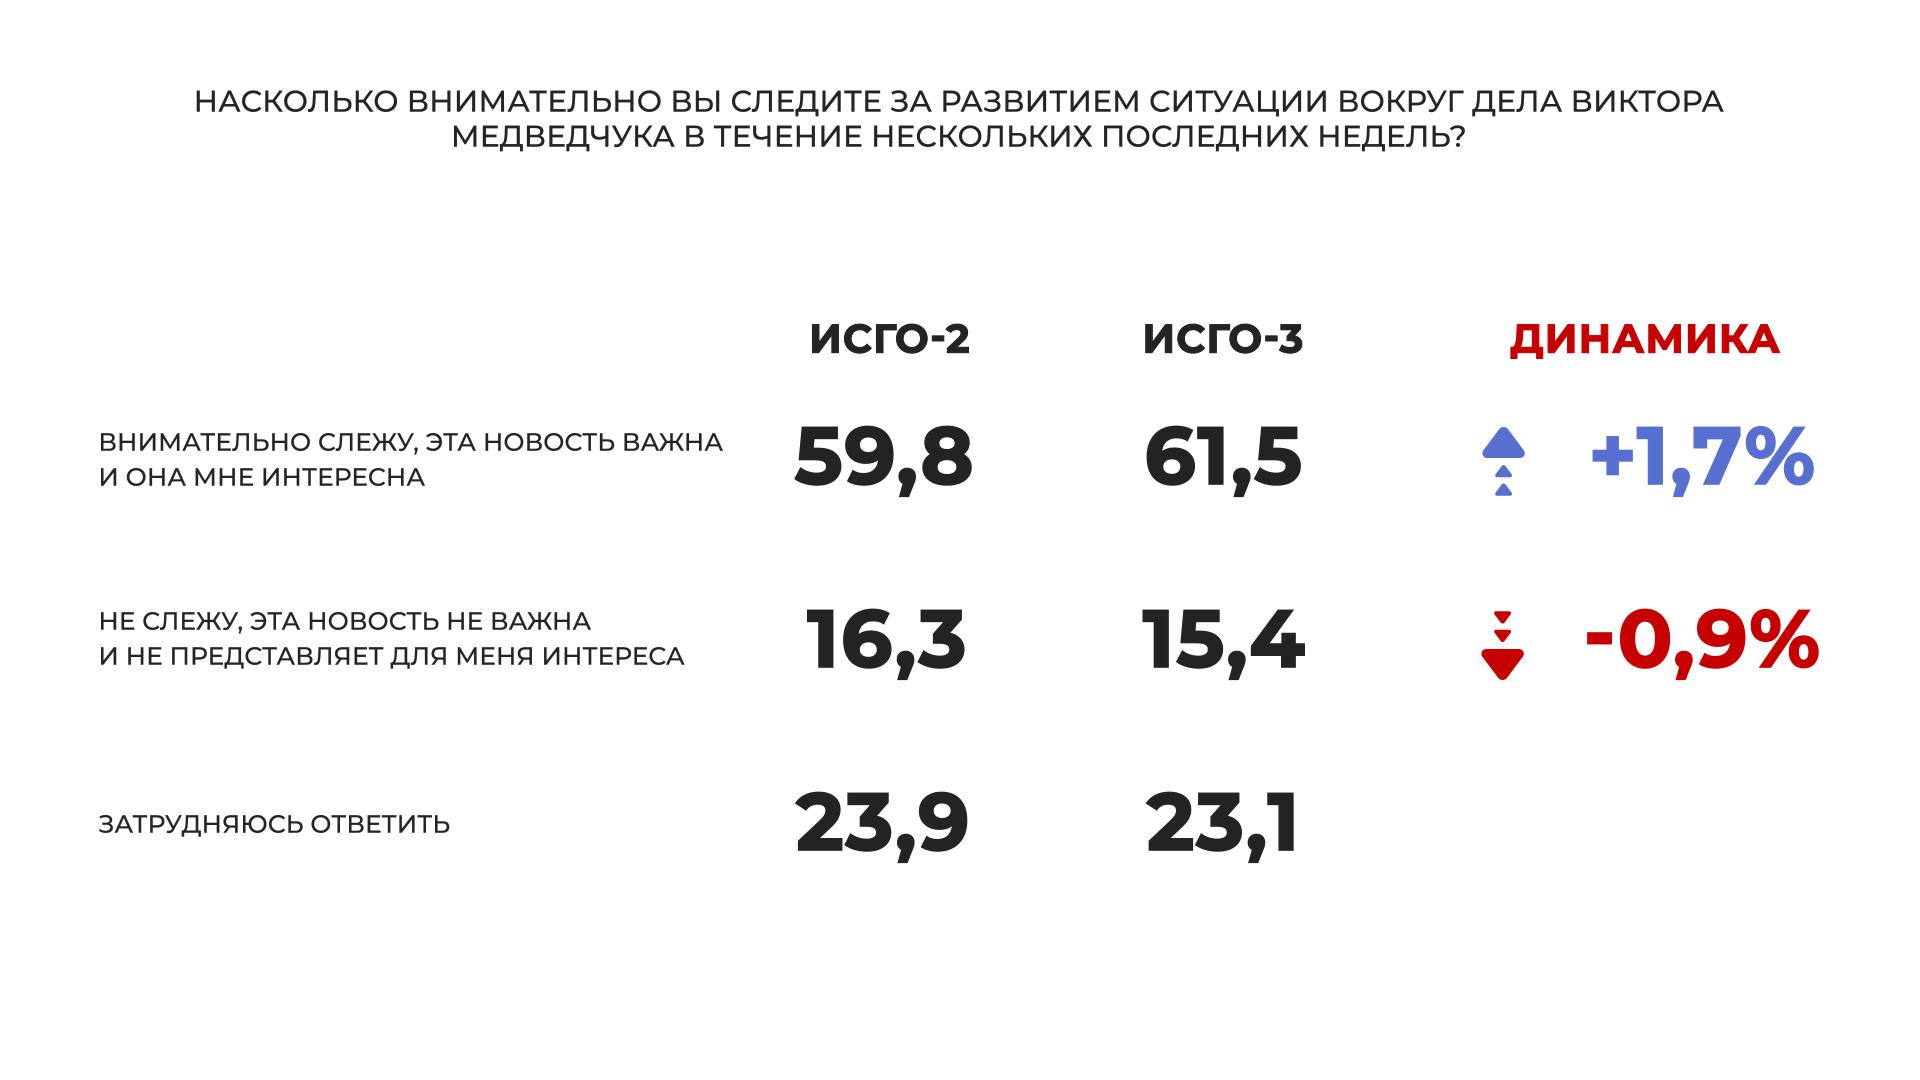 """""""Слуга народа"""" и """"Оппозиционная платформа – За жизнь"""" – лидеры парламентских выборов, большинство украинцев считают, что Медведчук невиновен, - соцопрос - фото 3"""